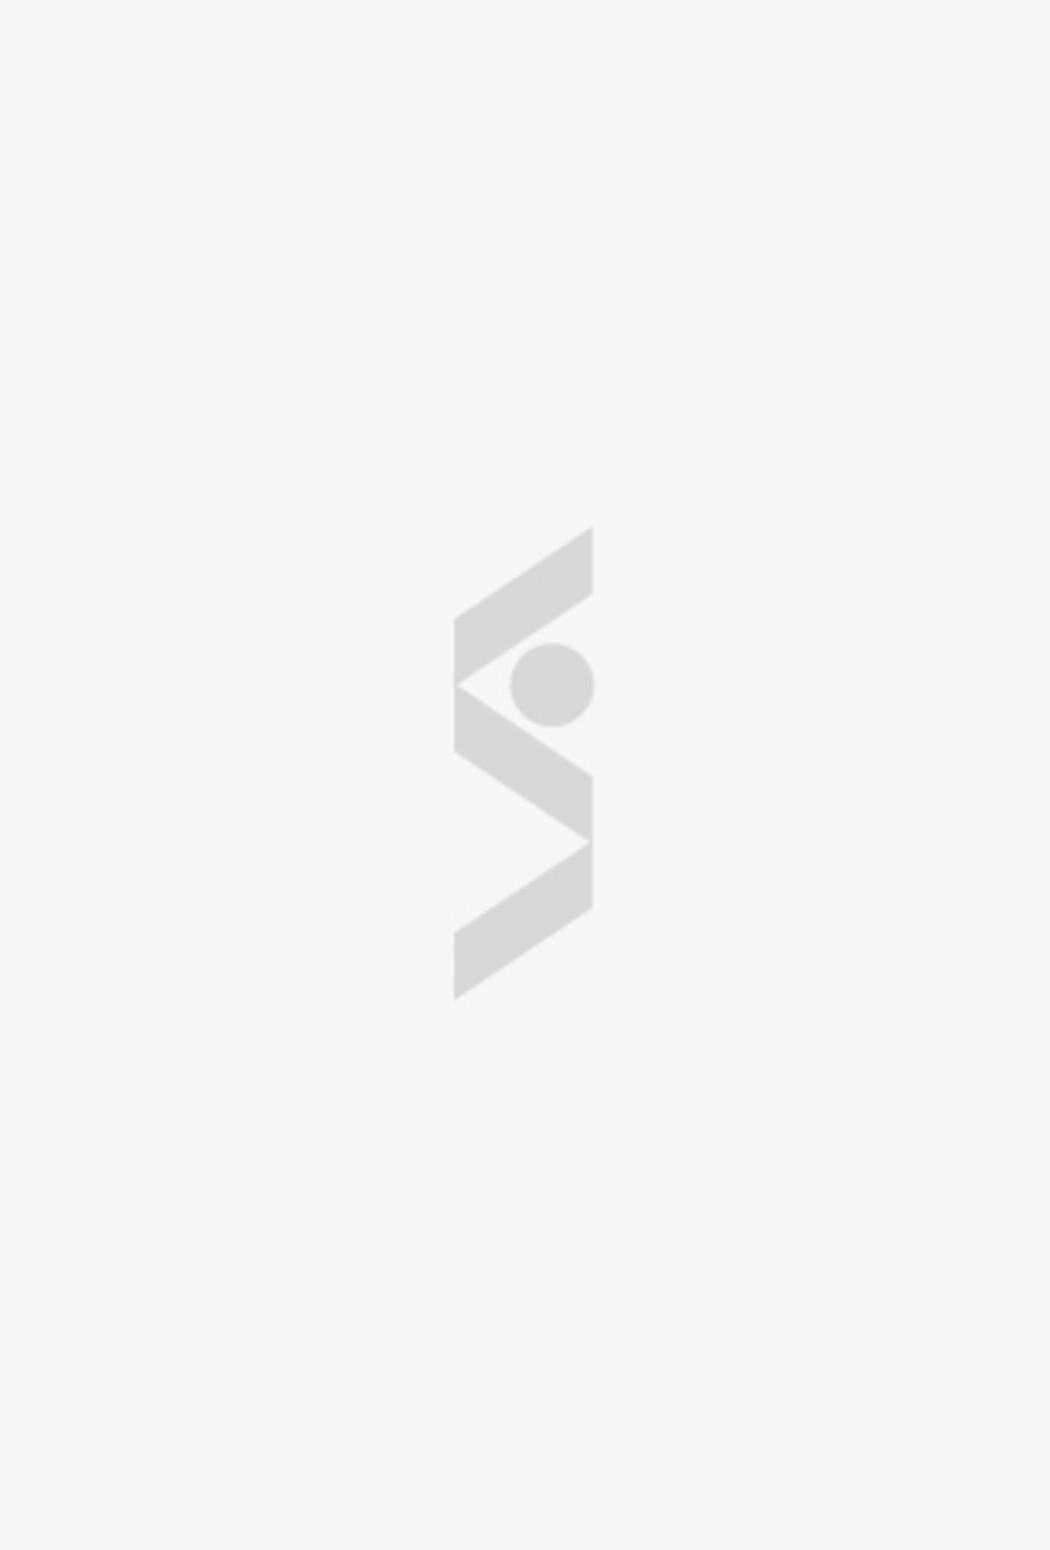 Косметика covergirl купить в москве купить косметику эмбриолисс в москве